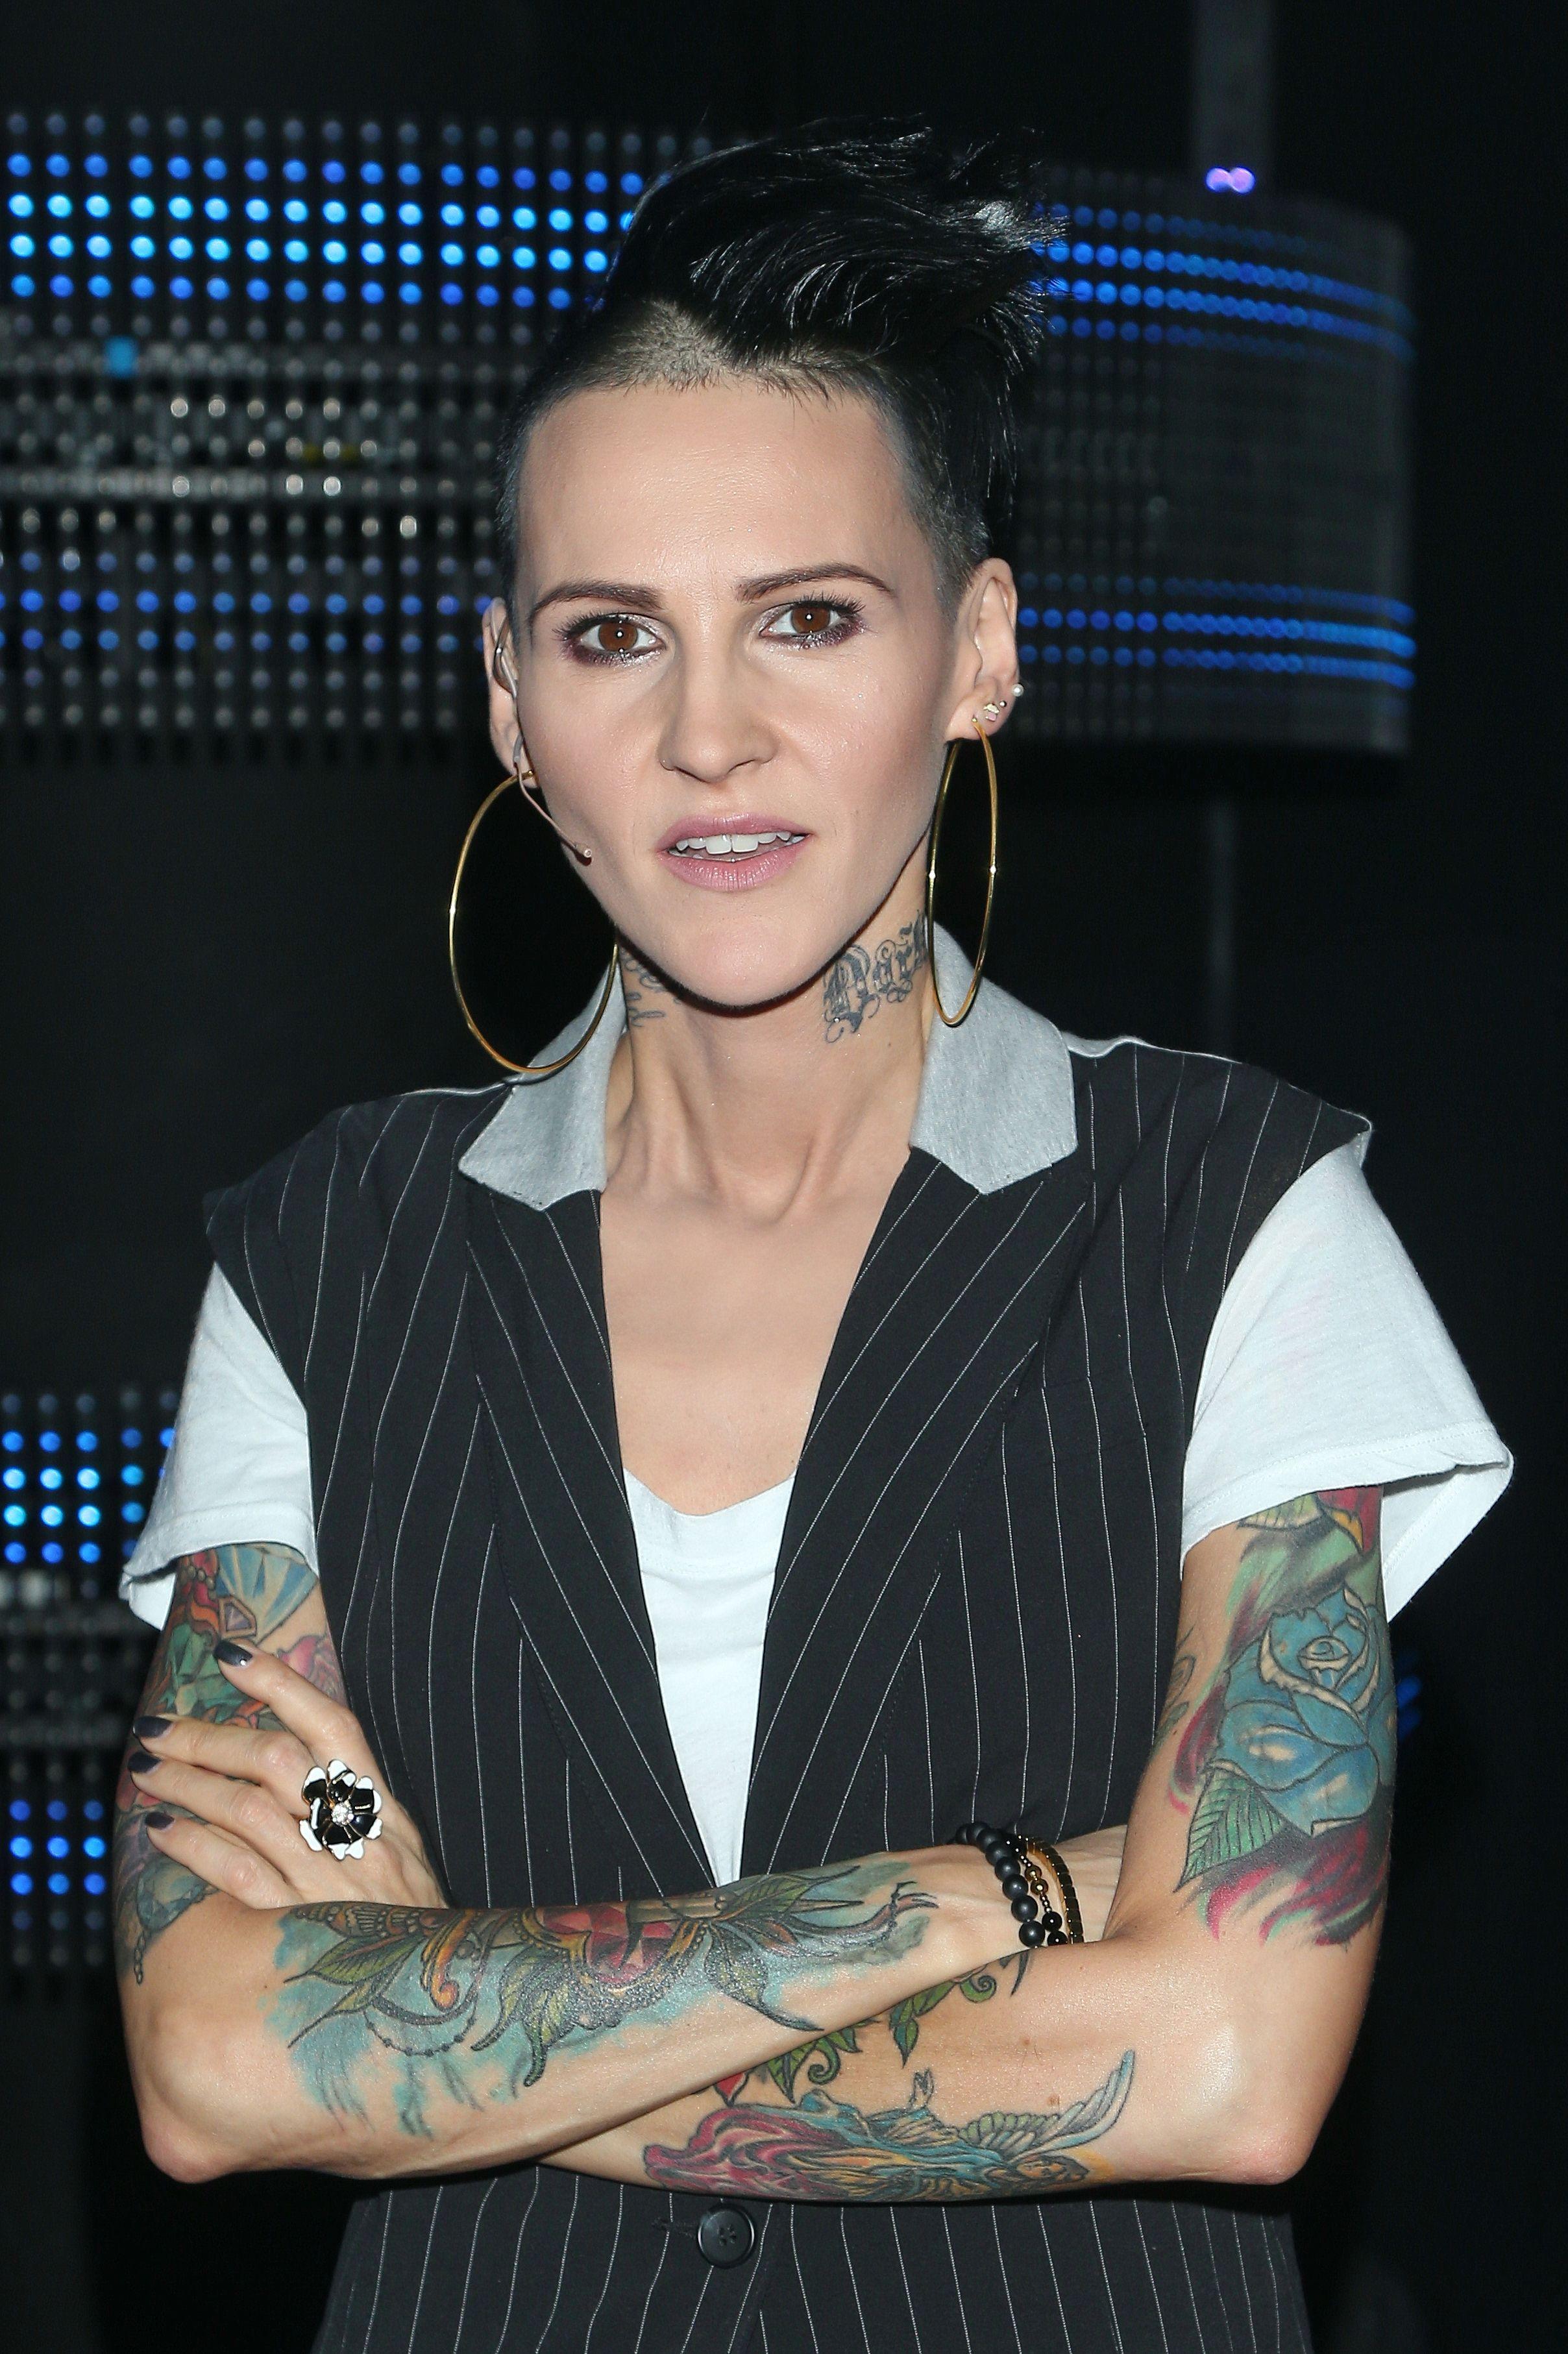 Chylińska Ma Nowy Tatuaż Piosenkarka Wybrała Odważne